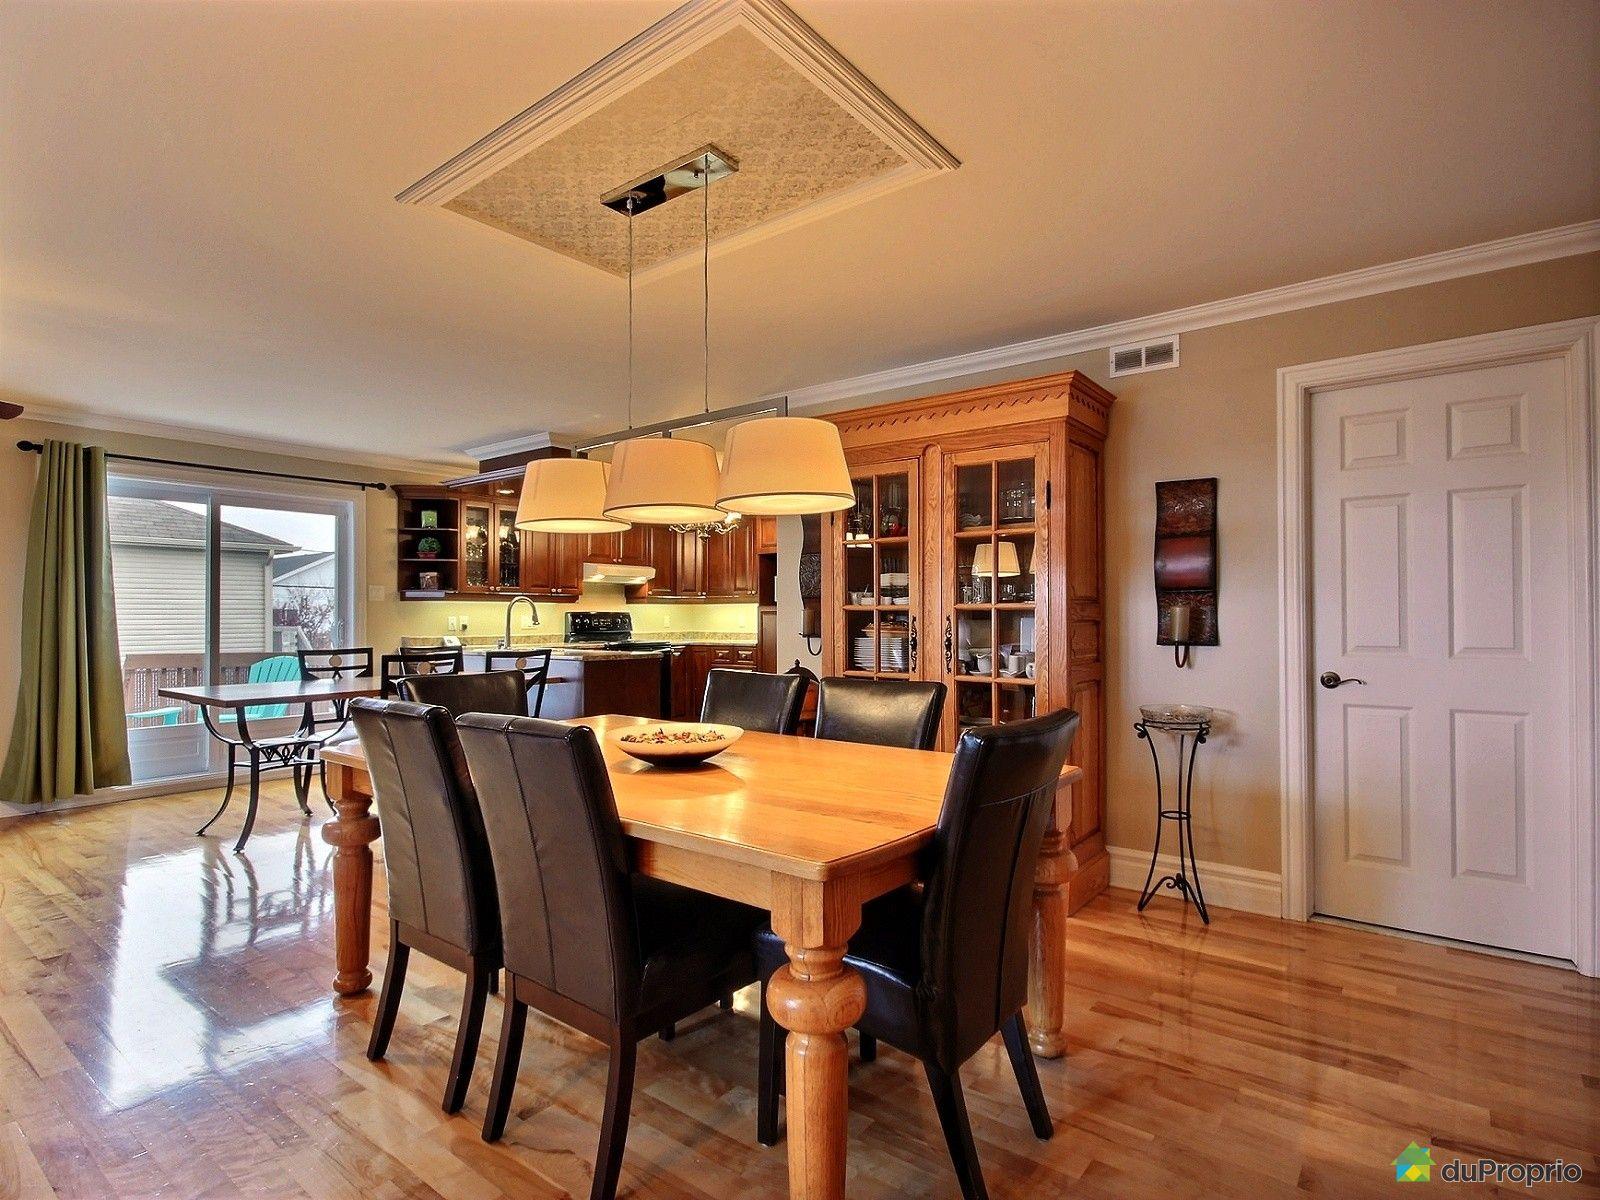 bi g n ration vendre st philippe 135 rue granger immobilier qu bec duproprio 350016. Black Bedroom Furniture Sets. Home Design Ideas